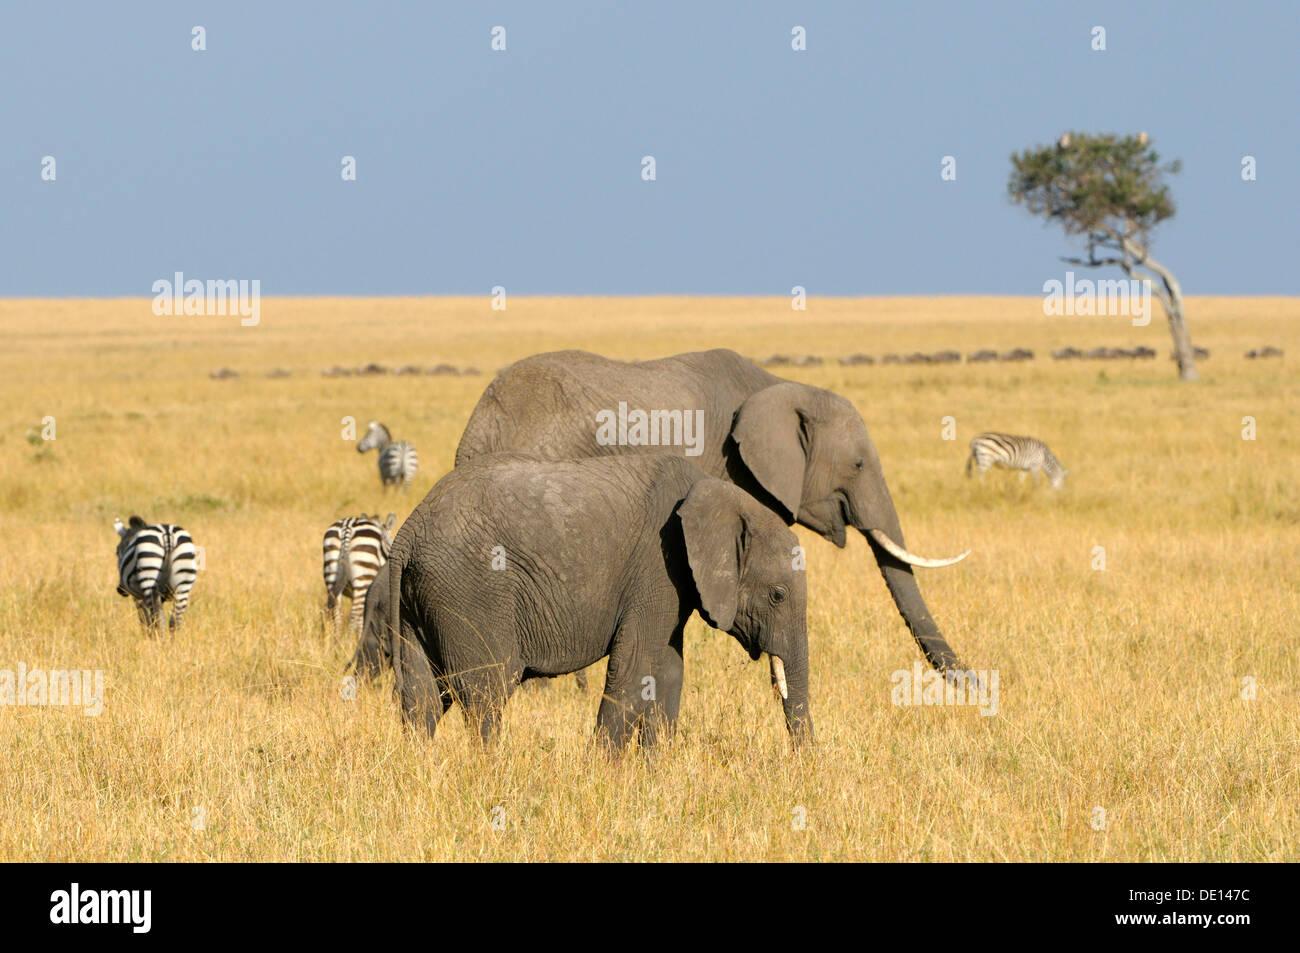 African Bush Elephant (Loxodonta africana), group wandering landscape, Masai Mara National Reserve, Kenya, East Africa, Africa - Stock Image